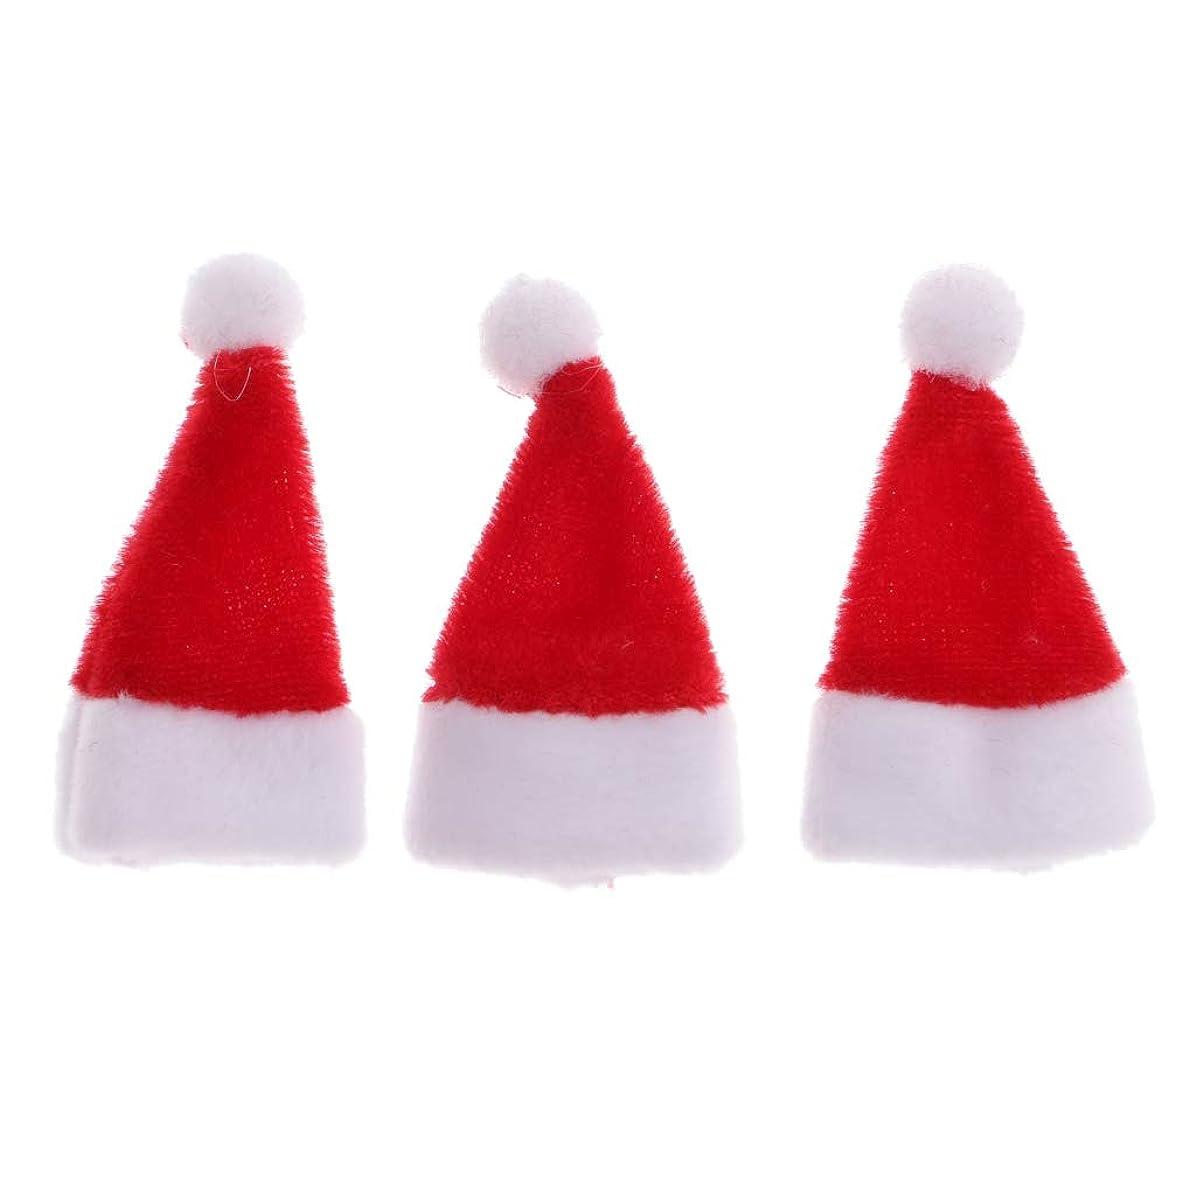 付き添い人アルファベット順データToygogo 3個 ミニチュア クリスマス サンタクロース帽子 サンタ帽子 1/12ドールハウス装飾